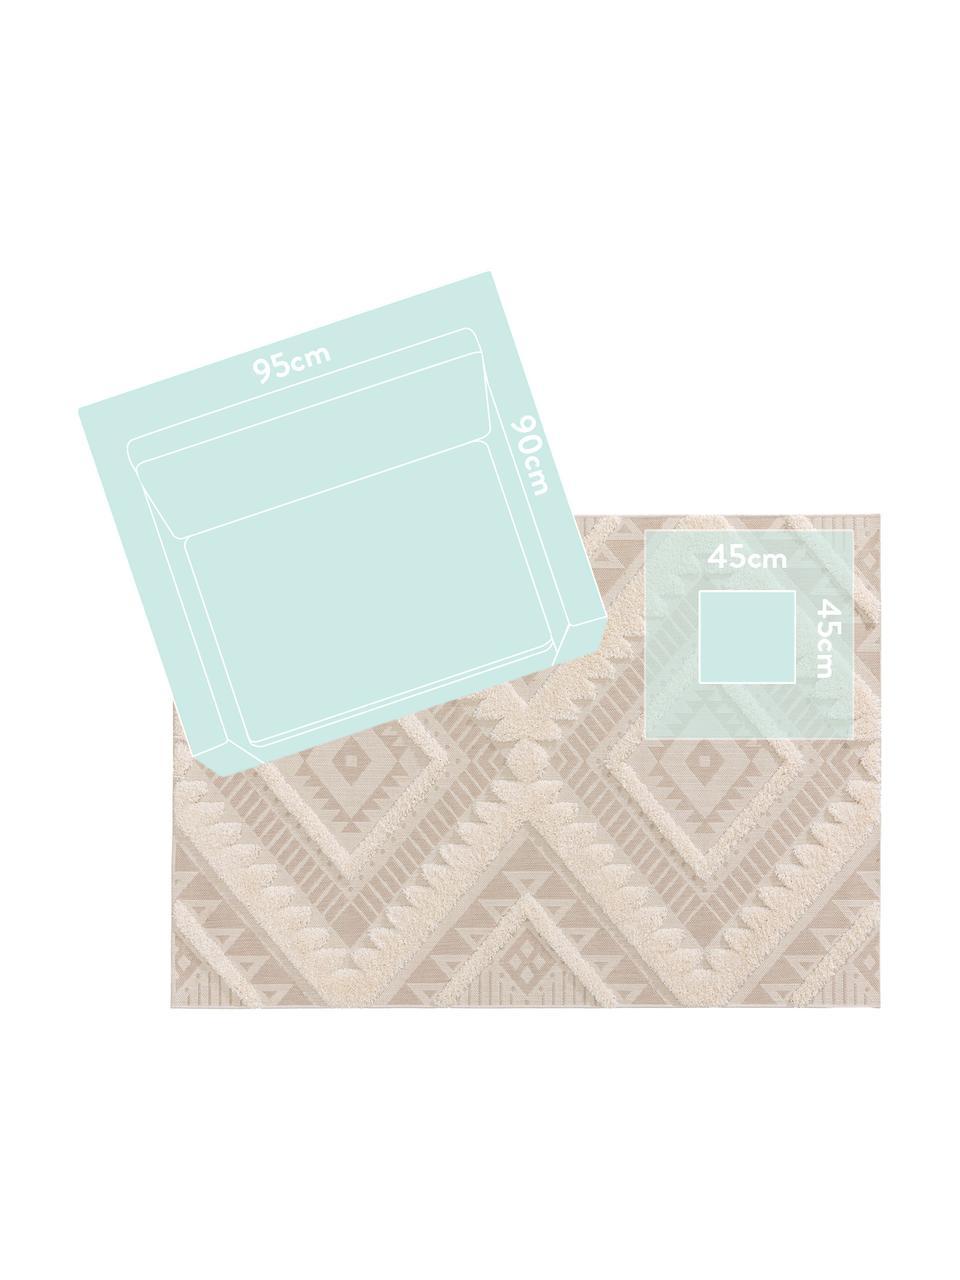 Tappeto etnico da interno-esterno con motivo a rilievo Carlo, 100% polietilene, Beige, crema, Larg. 120 x Lung. 170 cm (taglia S)